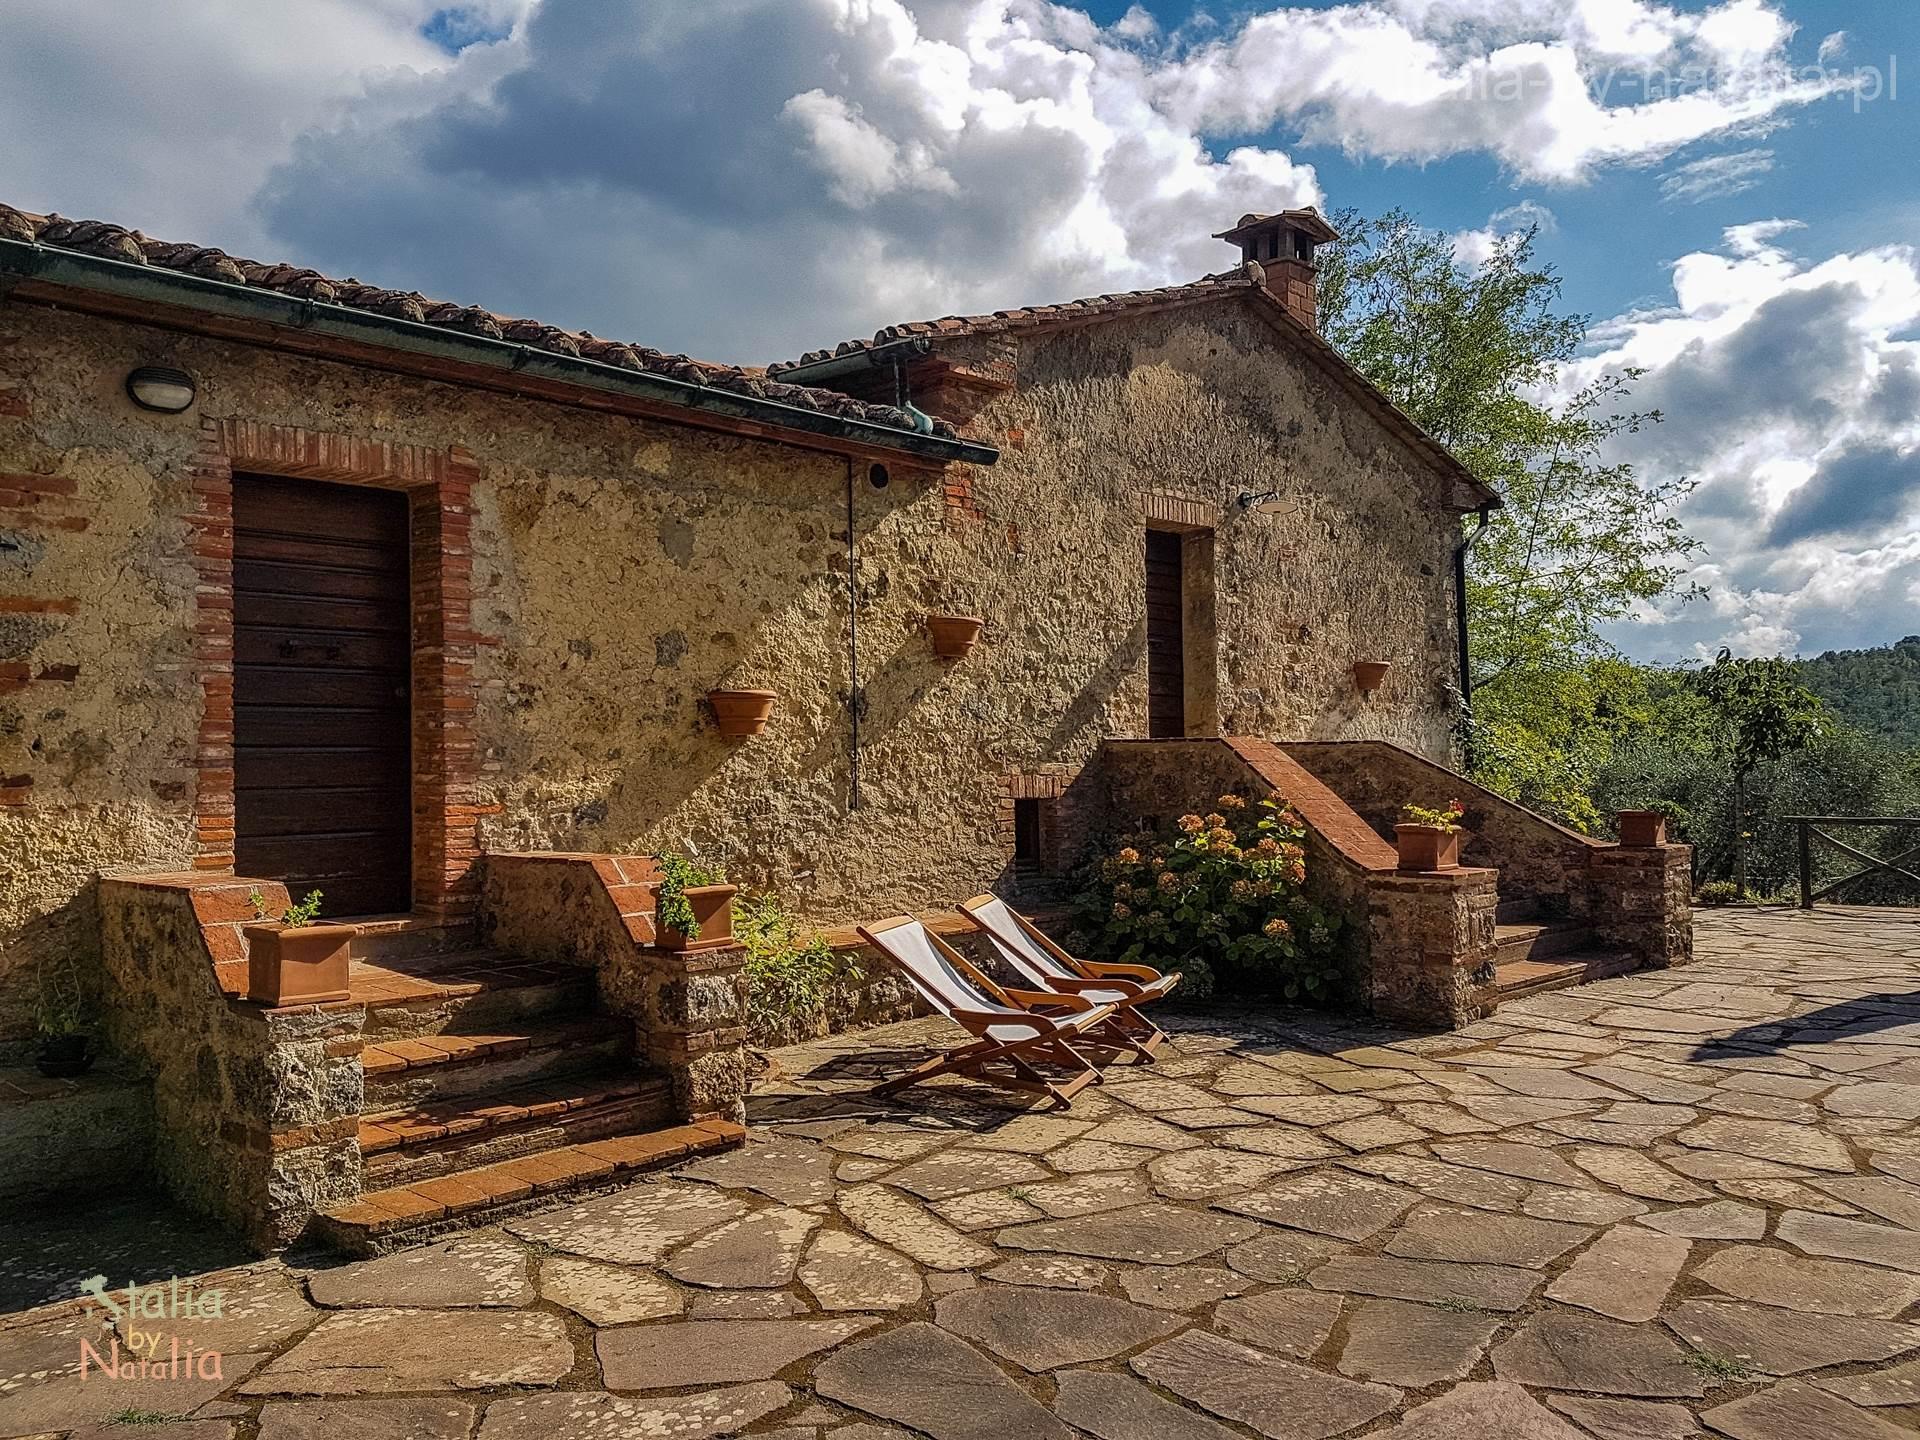 agroturystyka na wsi Toskania Podere di Santa Maria